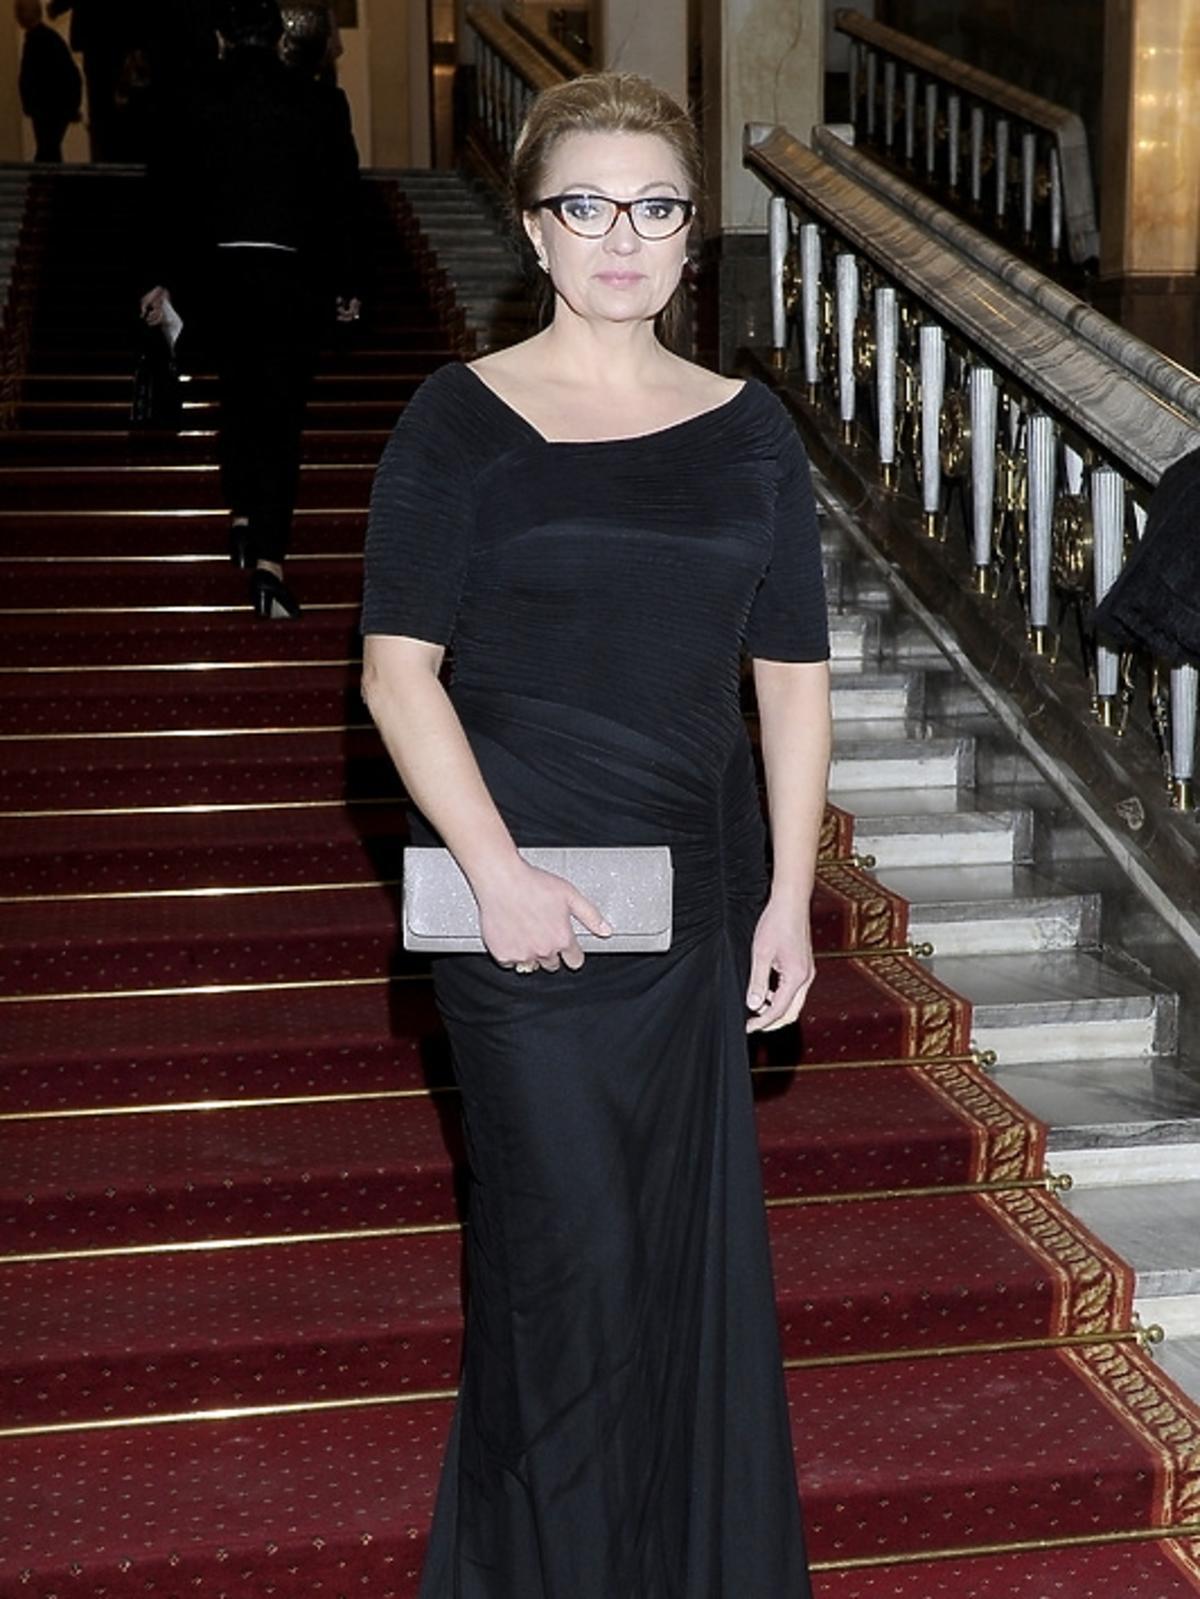 Małgorzata Walewska na premierze opery